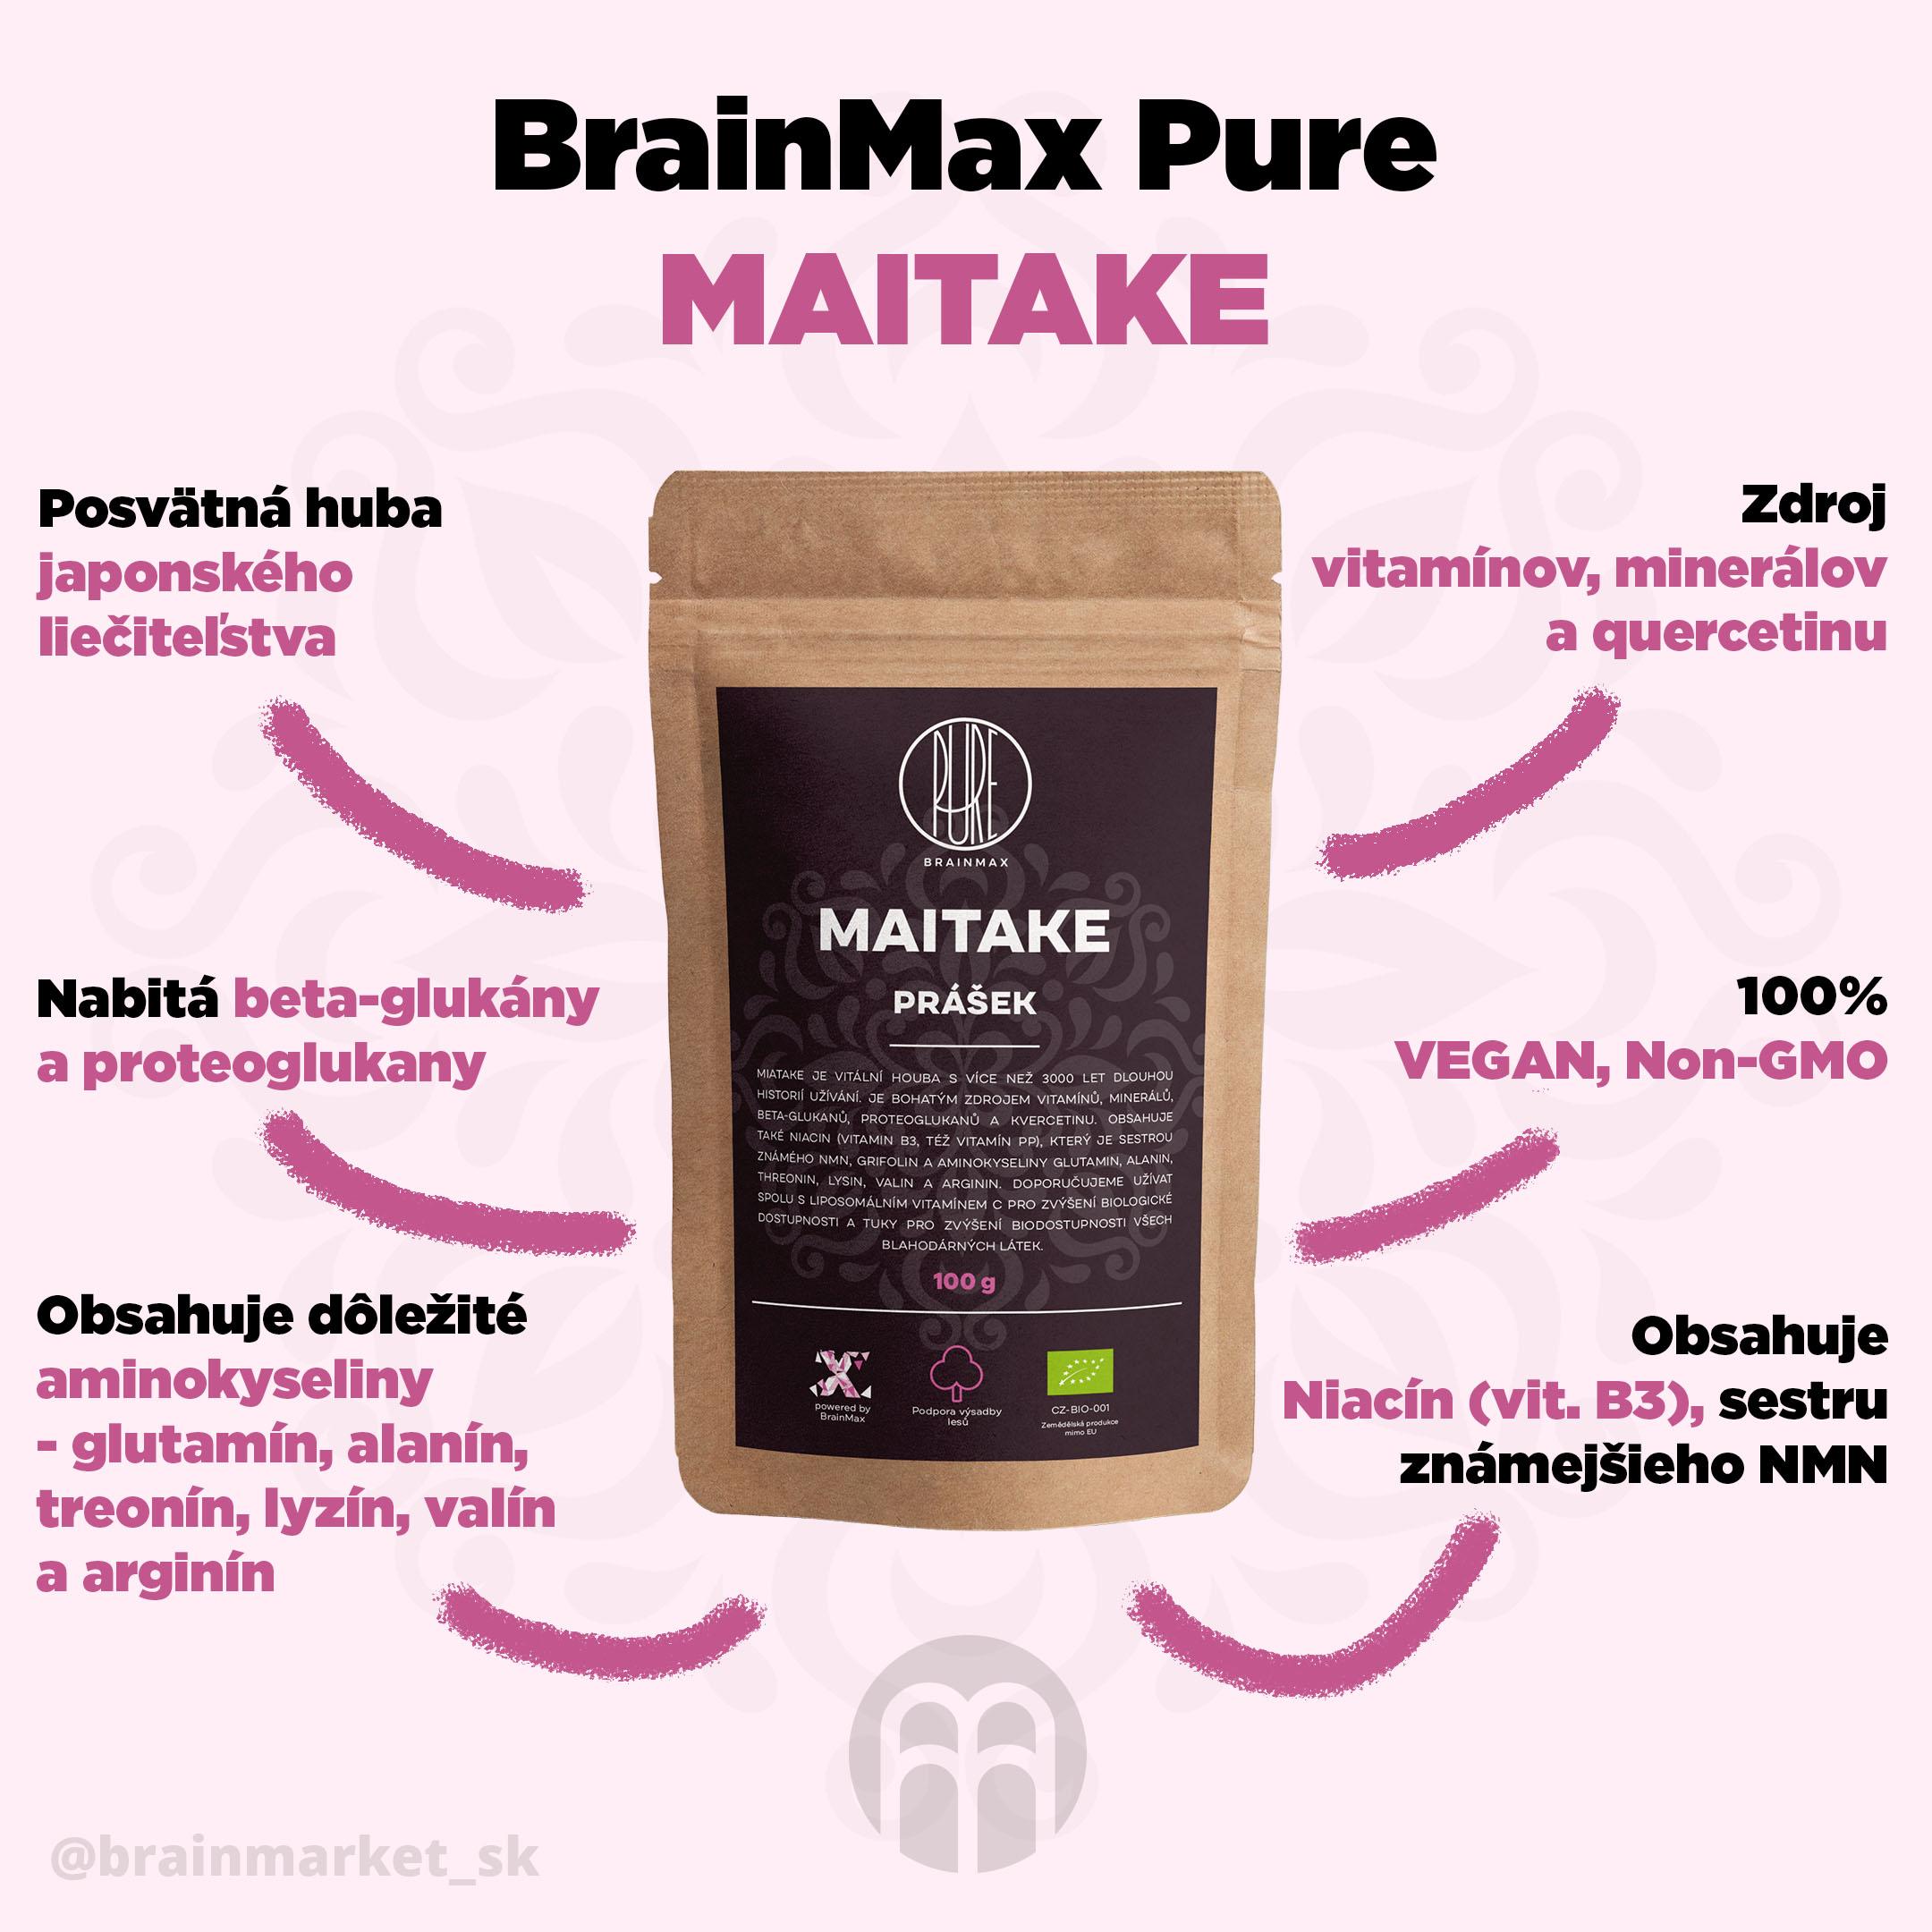 maitake_prasek_pavucina_infografika_brainmarket_sk